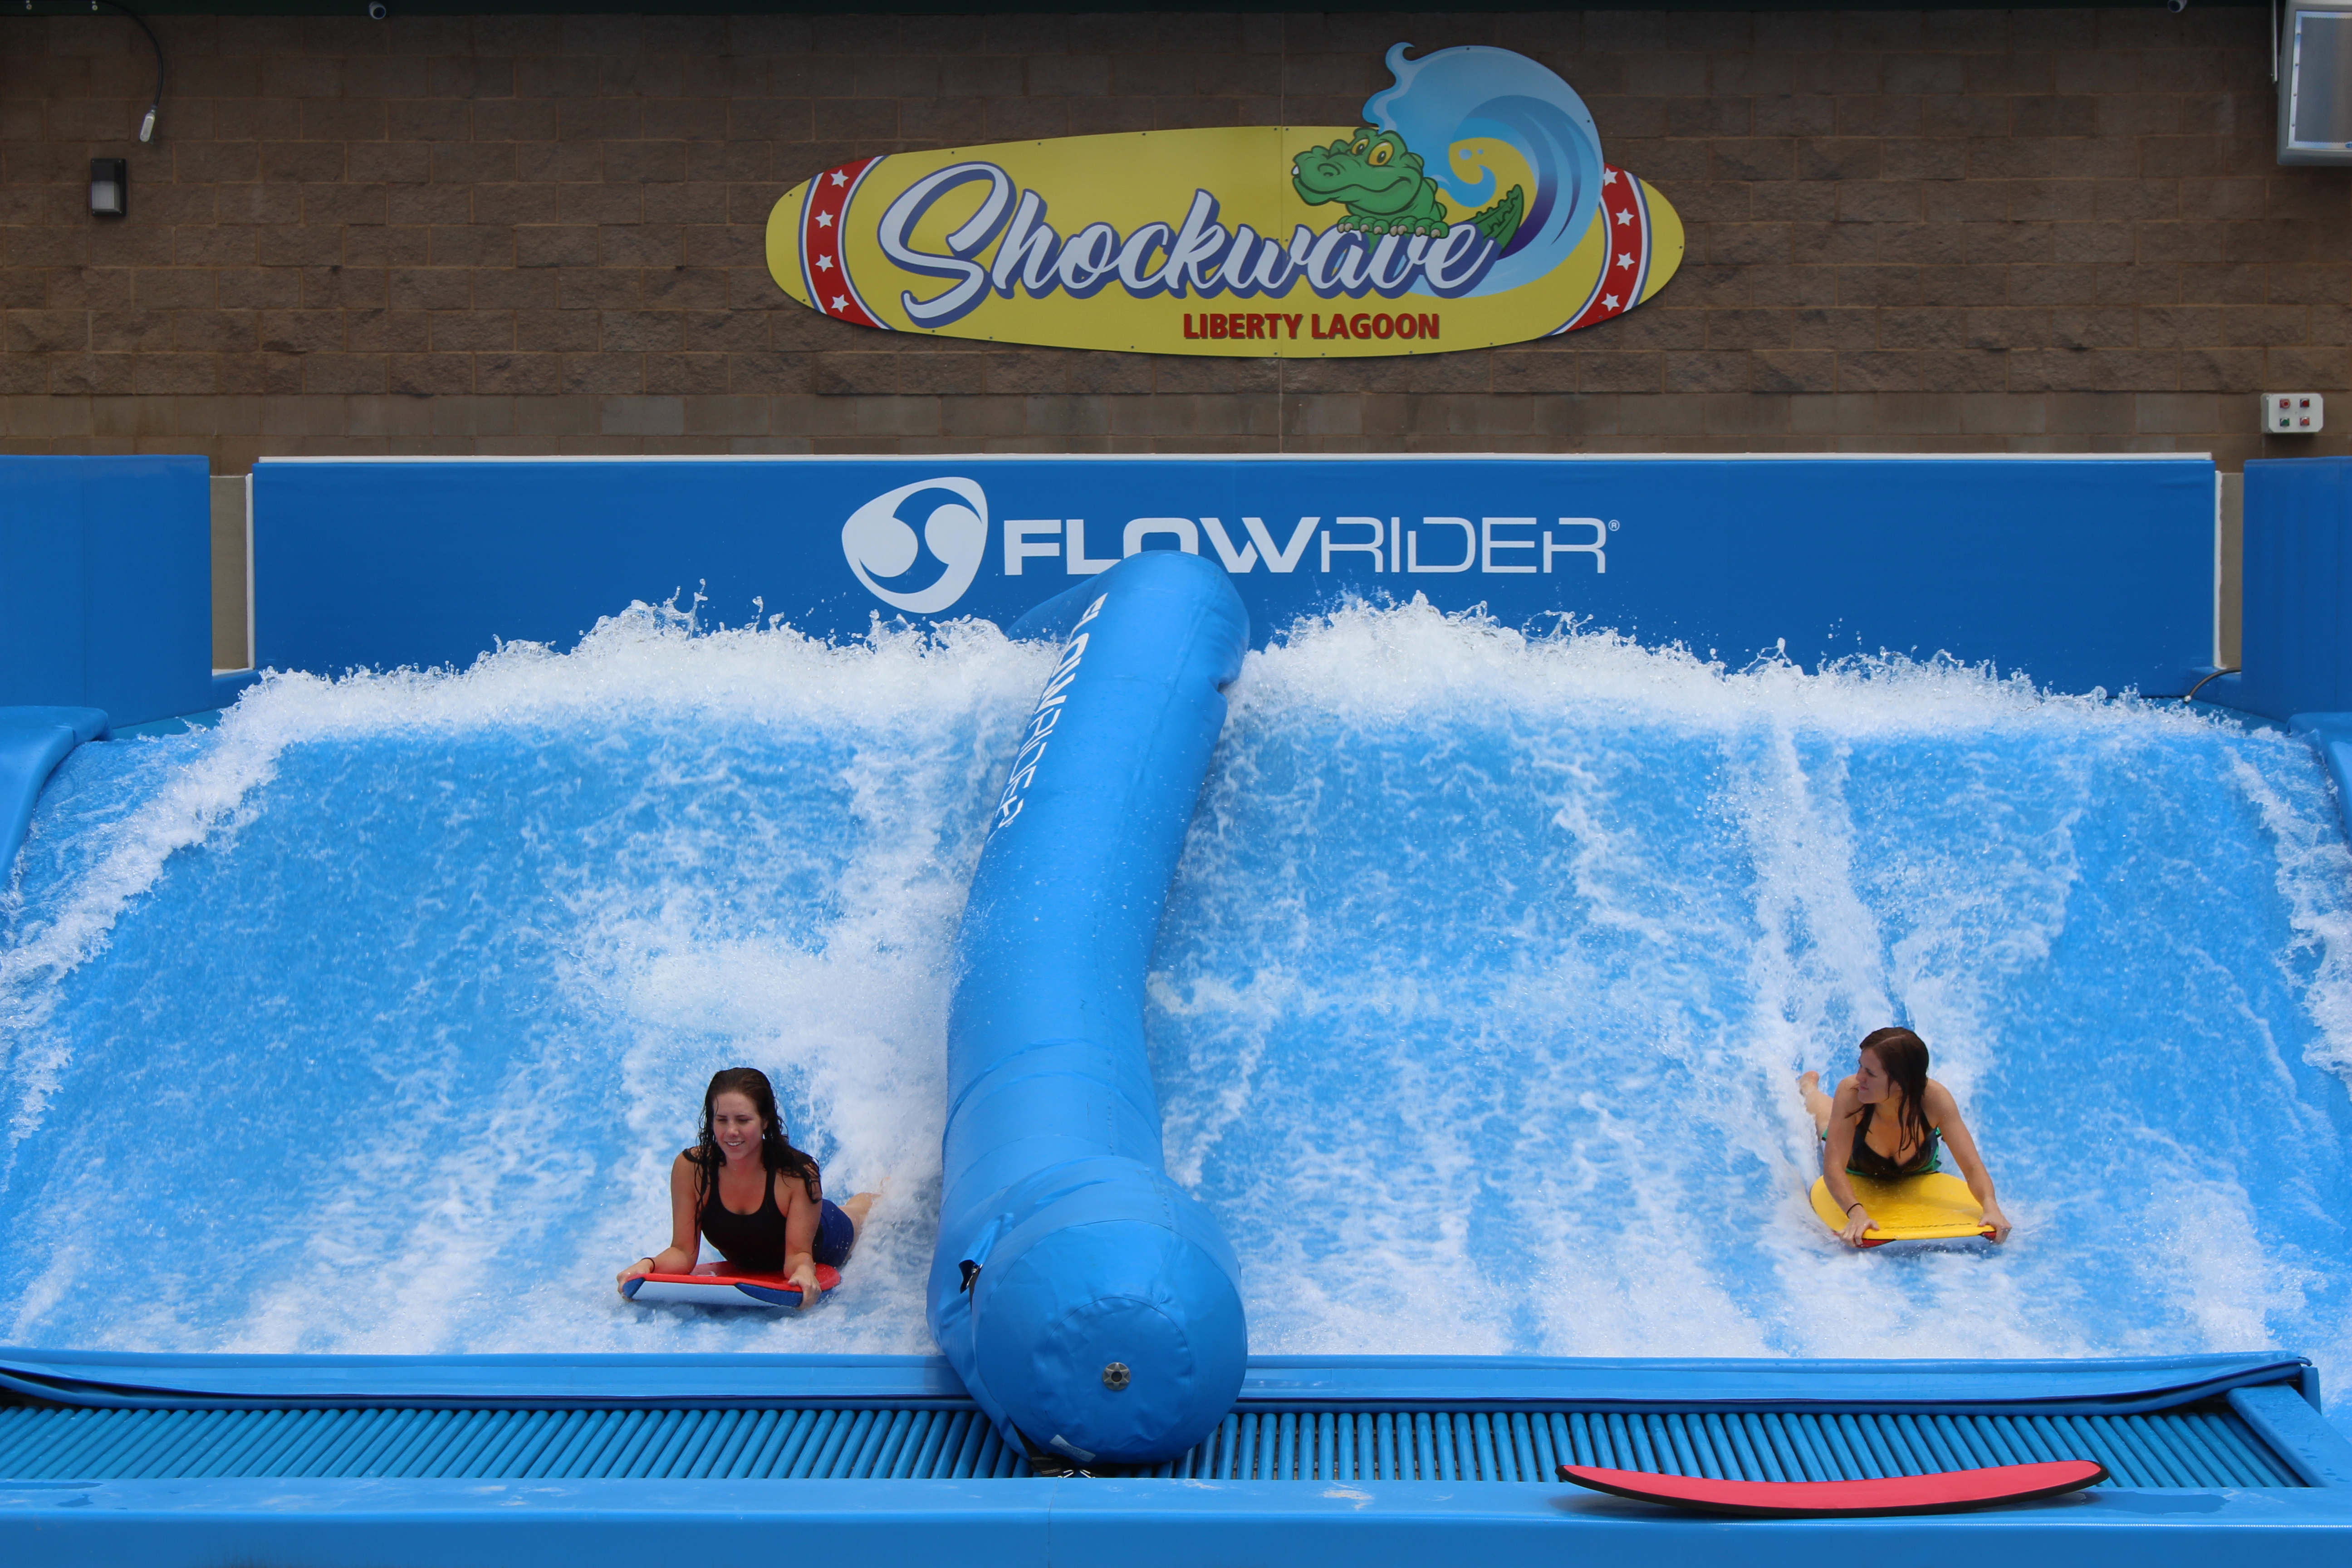 Shockwave - Flowrider